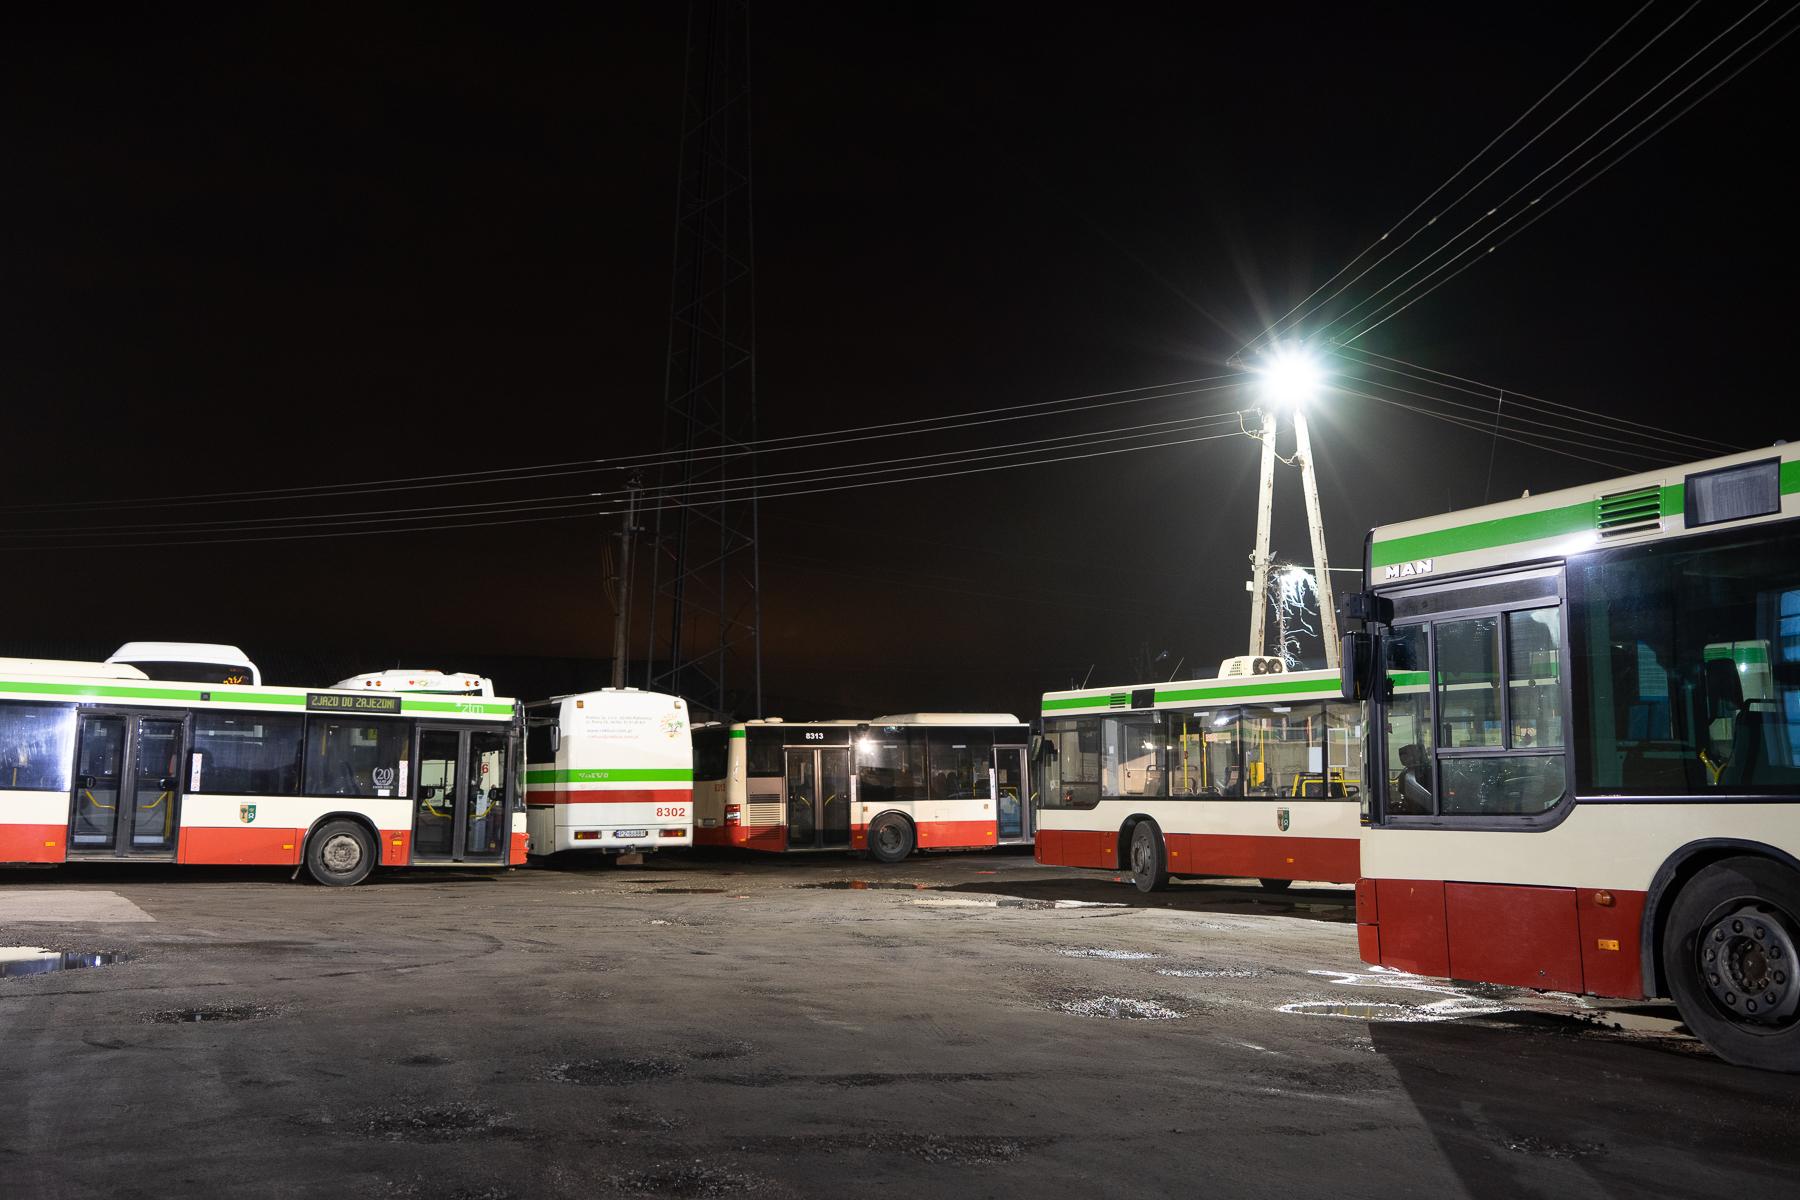 Na zdjęciu pięć pojazdów Rokbus - cztery autobusy i autokar na parkingu przed dawną bazą. Widok wieczorem, rozświetla go latarnia. Autor: Piotr Surmiński.